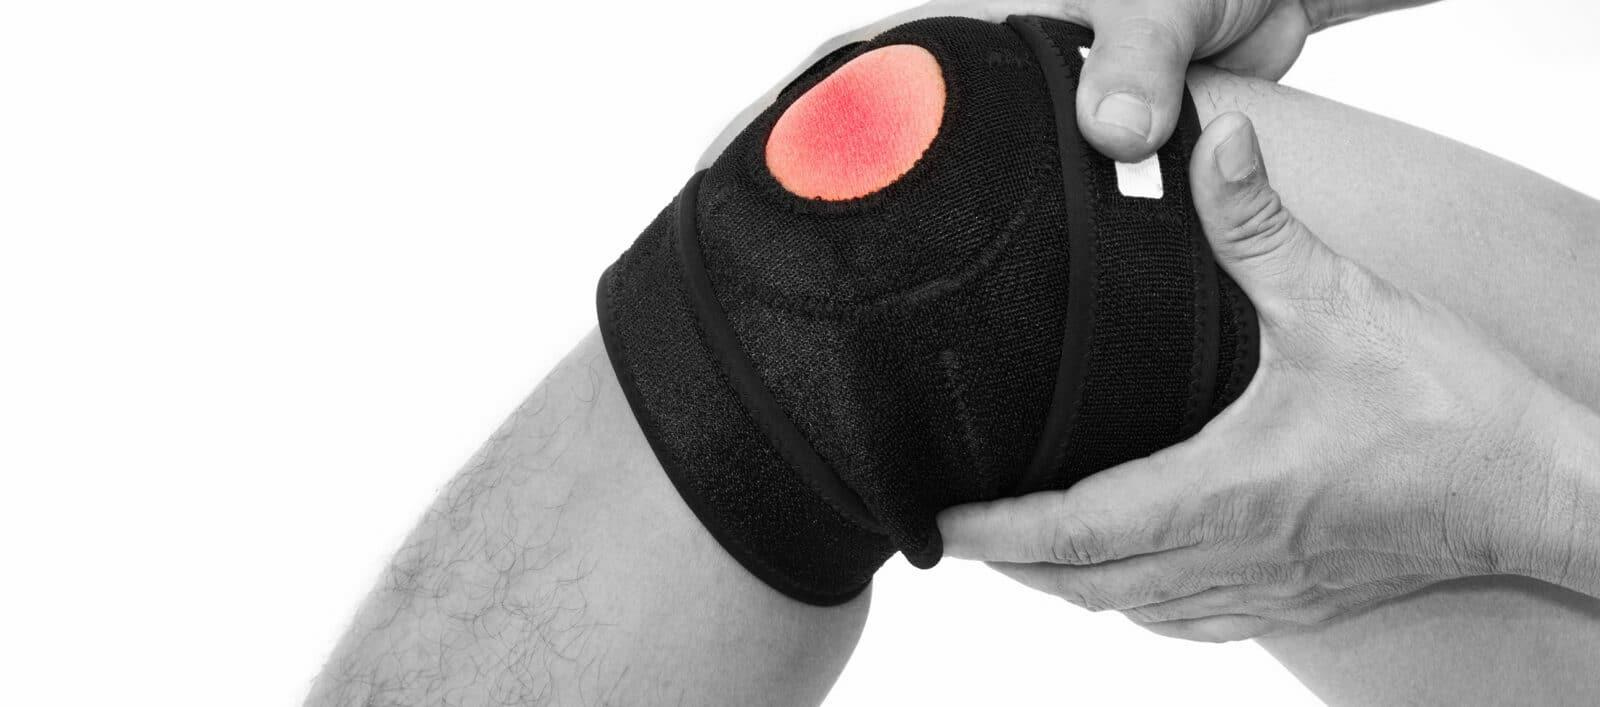 Traitement des pathologies des genoux à Paris: Rupture - Lésion - Entorse - Prothèses - dr Paillard